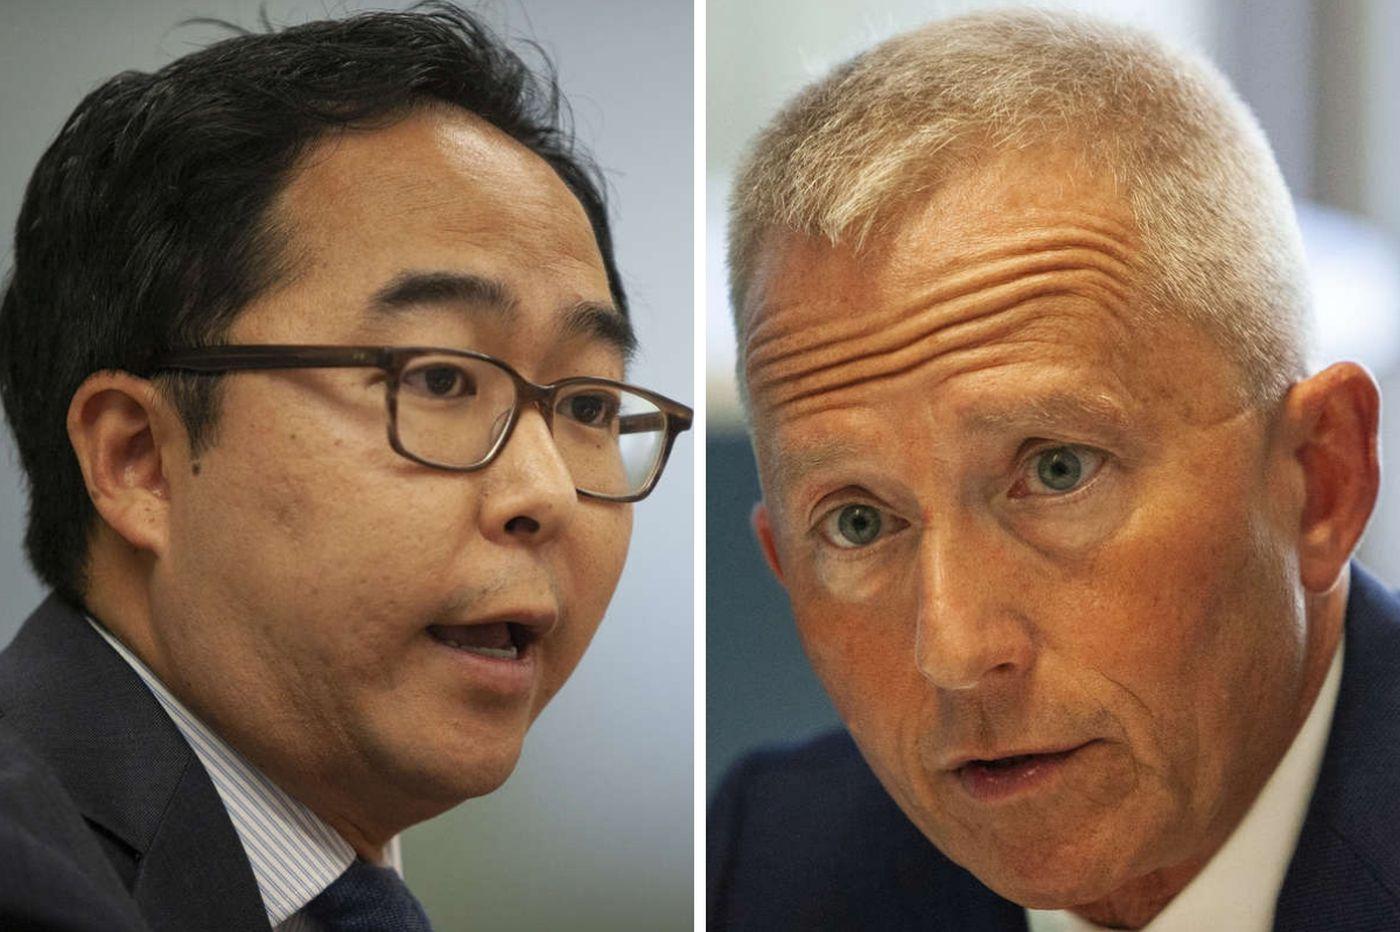 Vote Jeff Van Drew, Andy Kim for Congress in N.J. | Endorsement